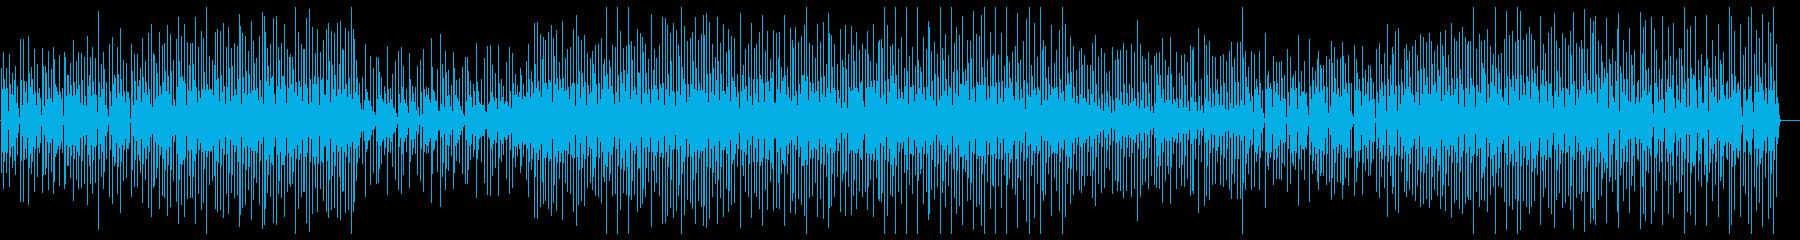 シンセウェイブ・80sテクノBPM100の再生済みの波形